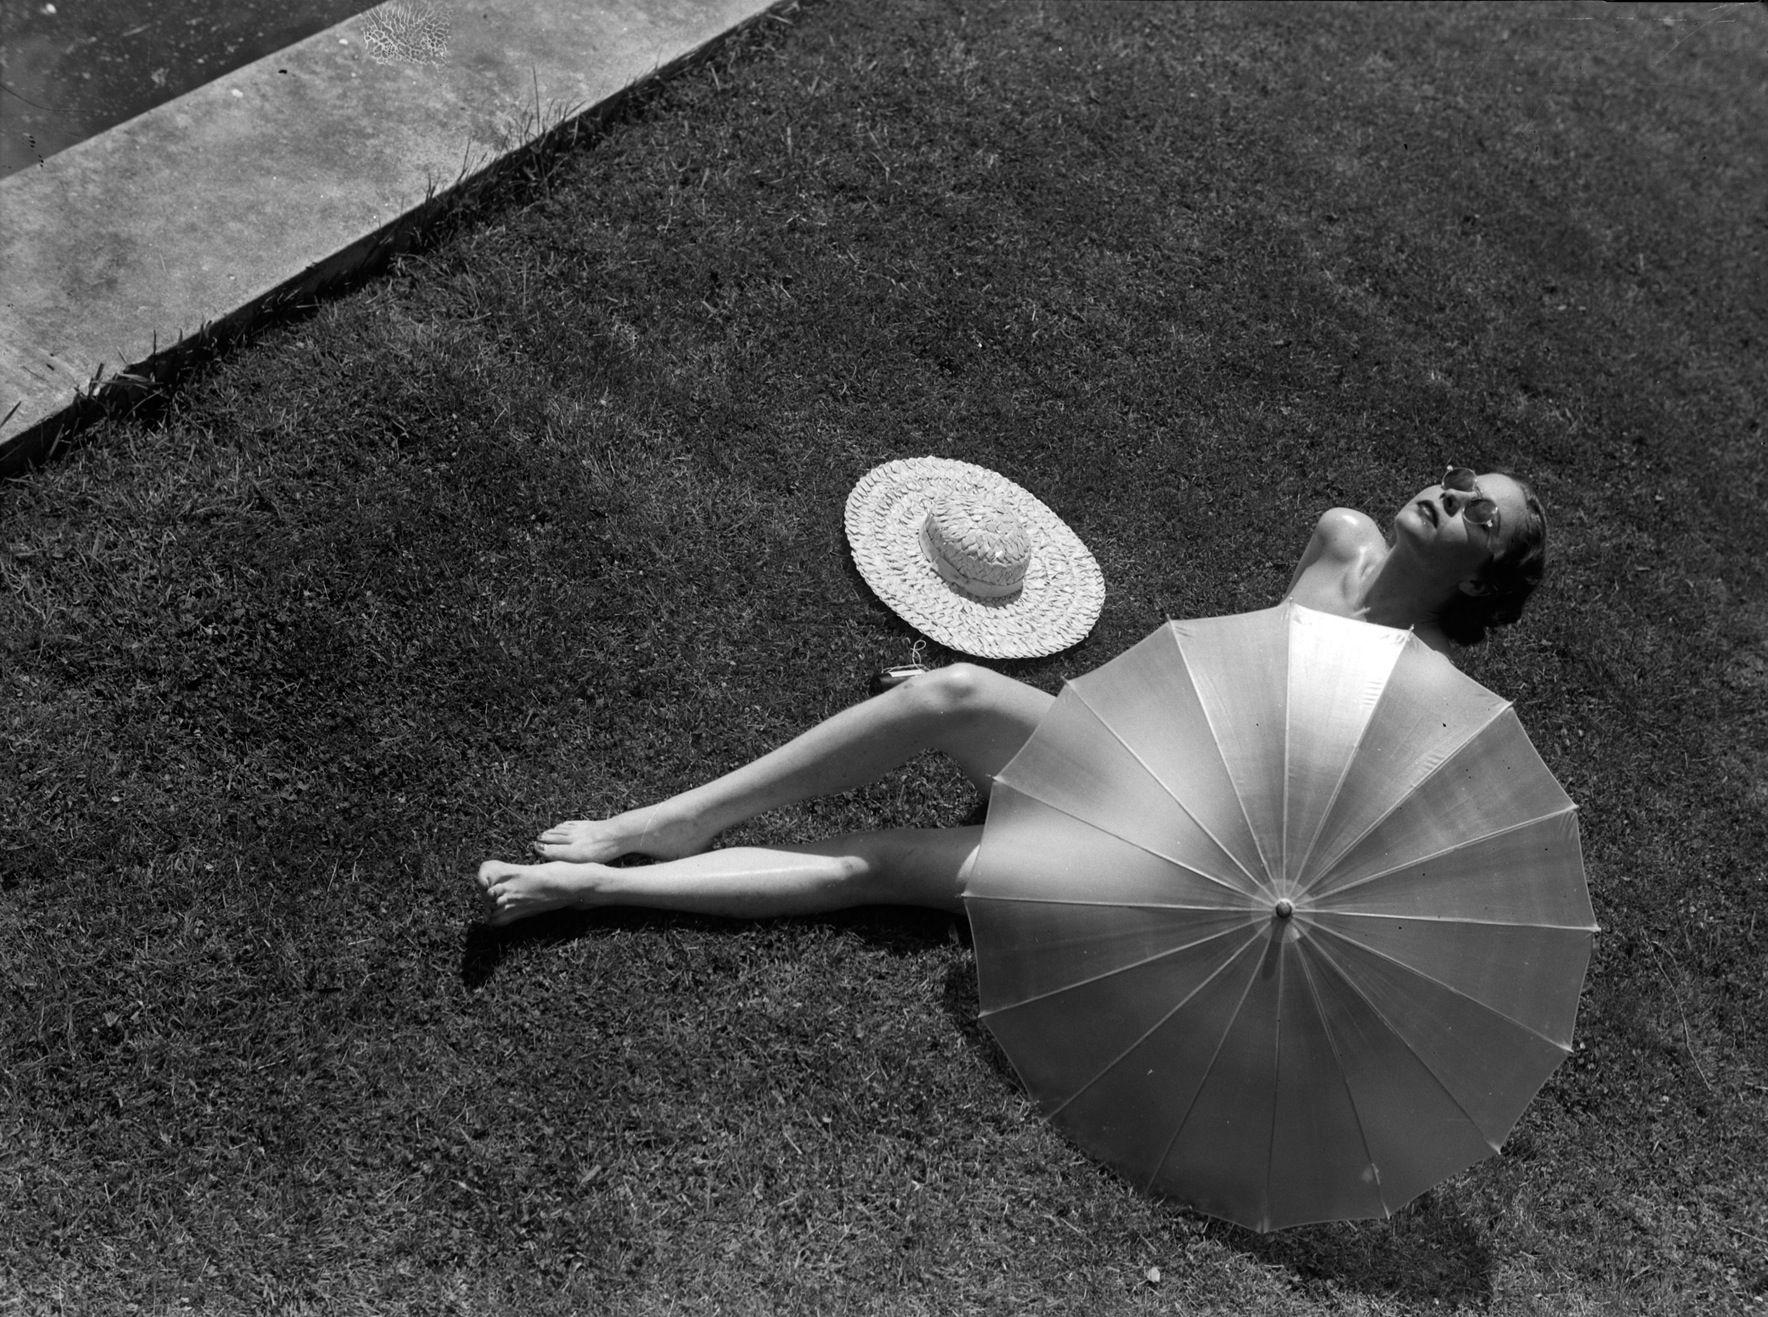 1935. Woman sunbathing. Photo by Martin Munkacsi (B1986-D1963)